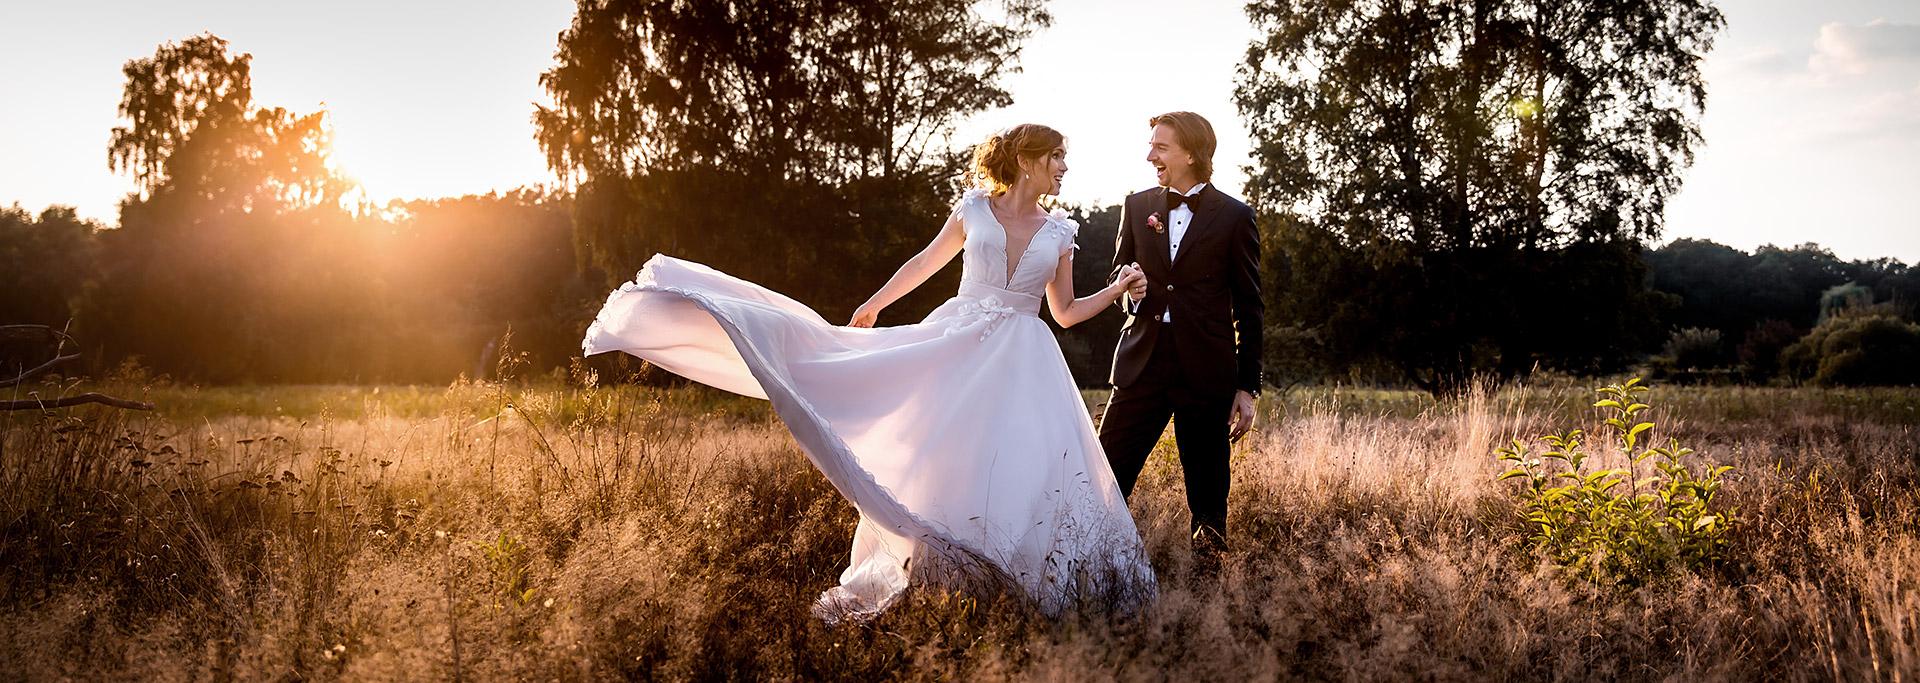 5 Schritte zu herausragenden Hochzeitsportraits